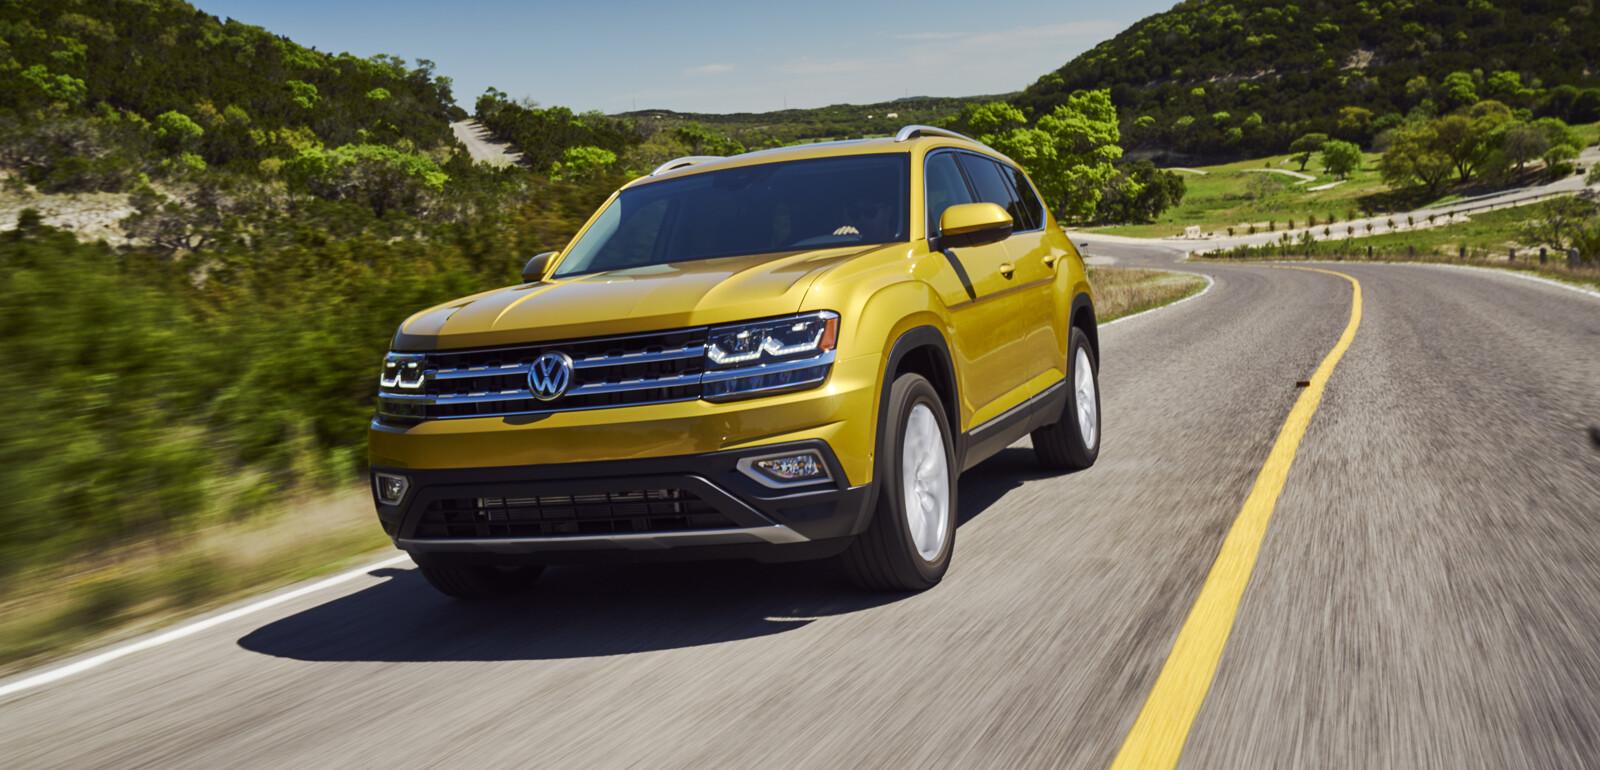 123430 29715a776873276d72458fda6112a62e - Больше, но дешевле «Туарега»: такого кроссовера Volkswagen еще не было